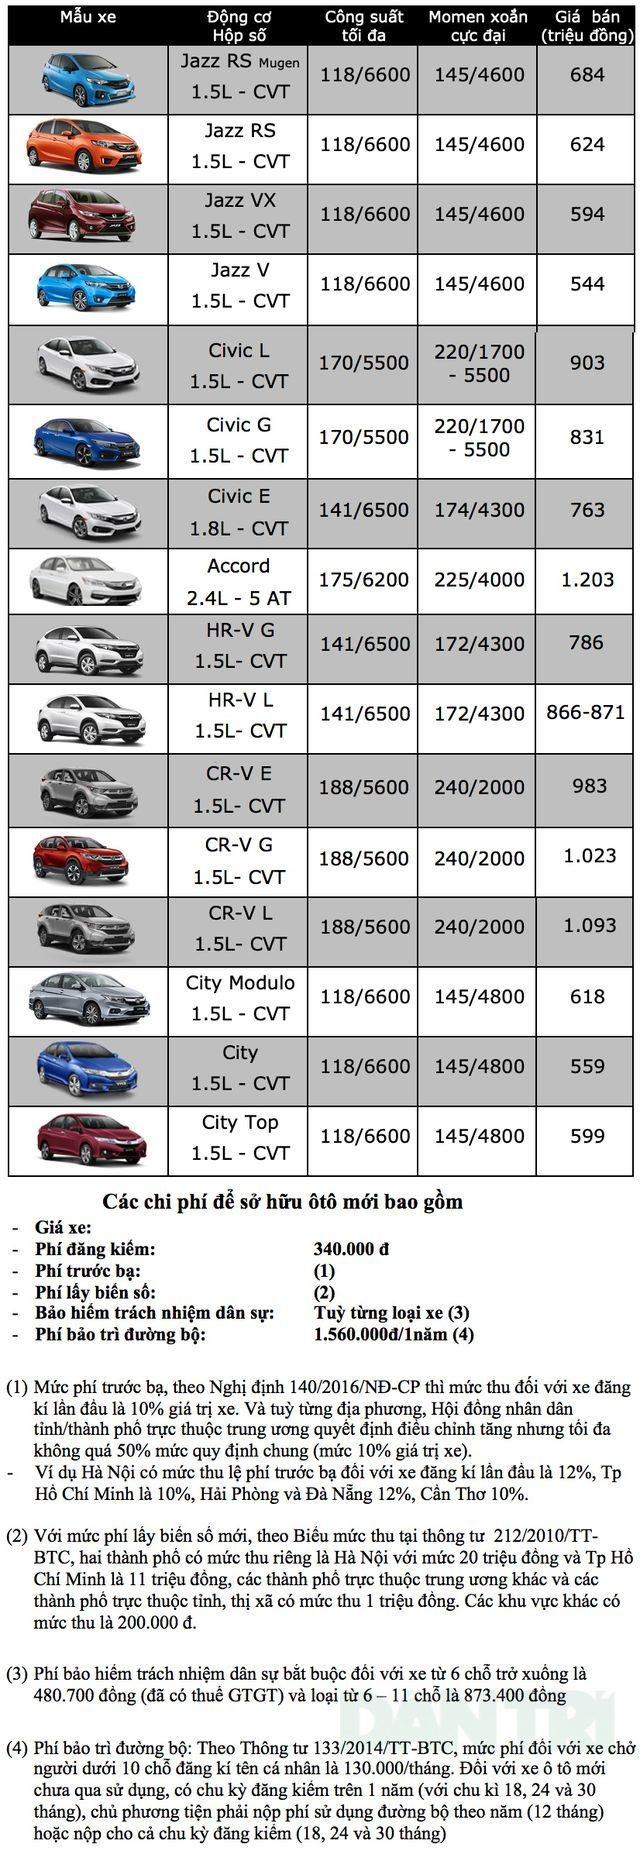 Bảng giá Honda tại Việt Nam cập nhật tháng 3/2019